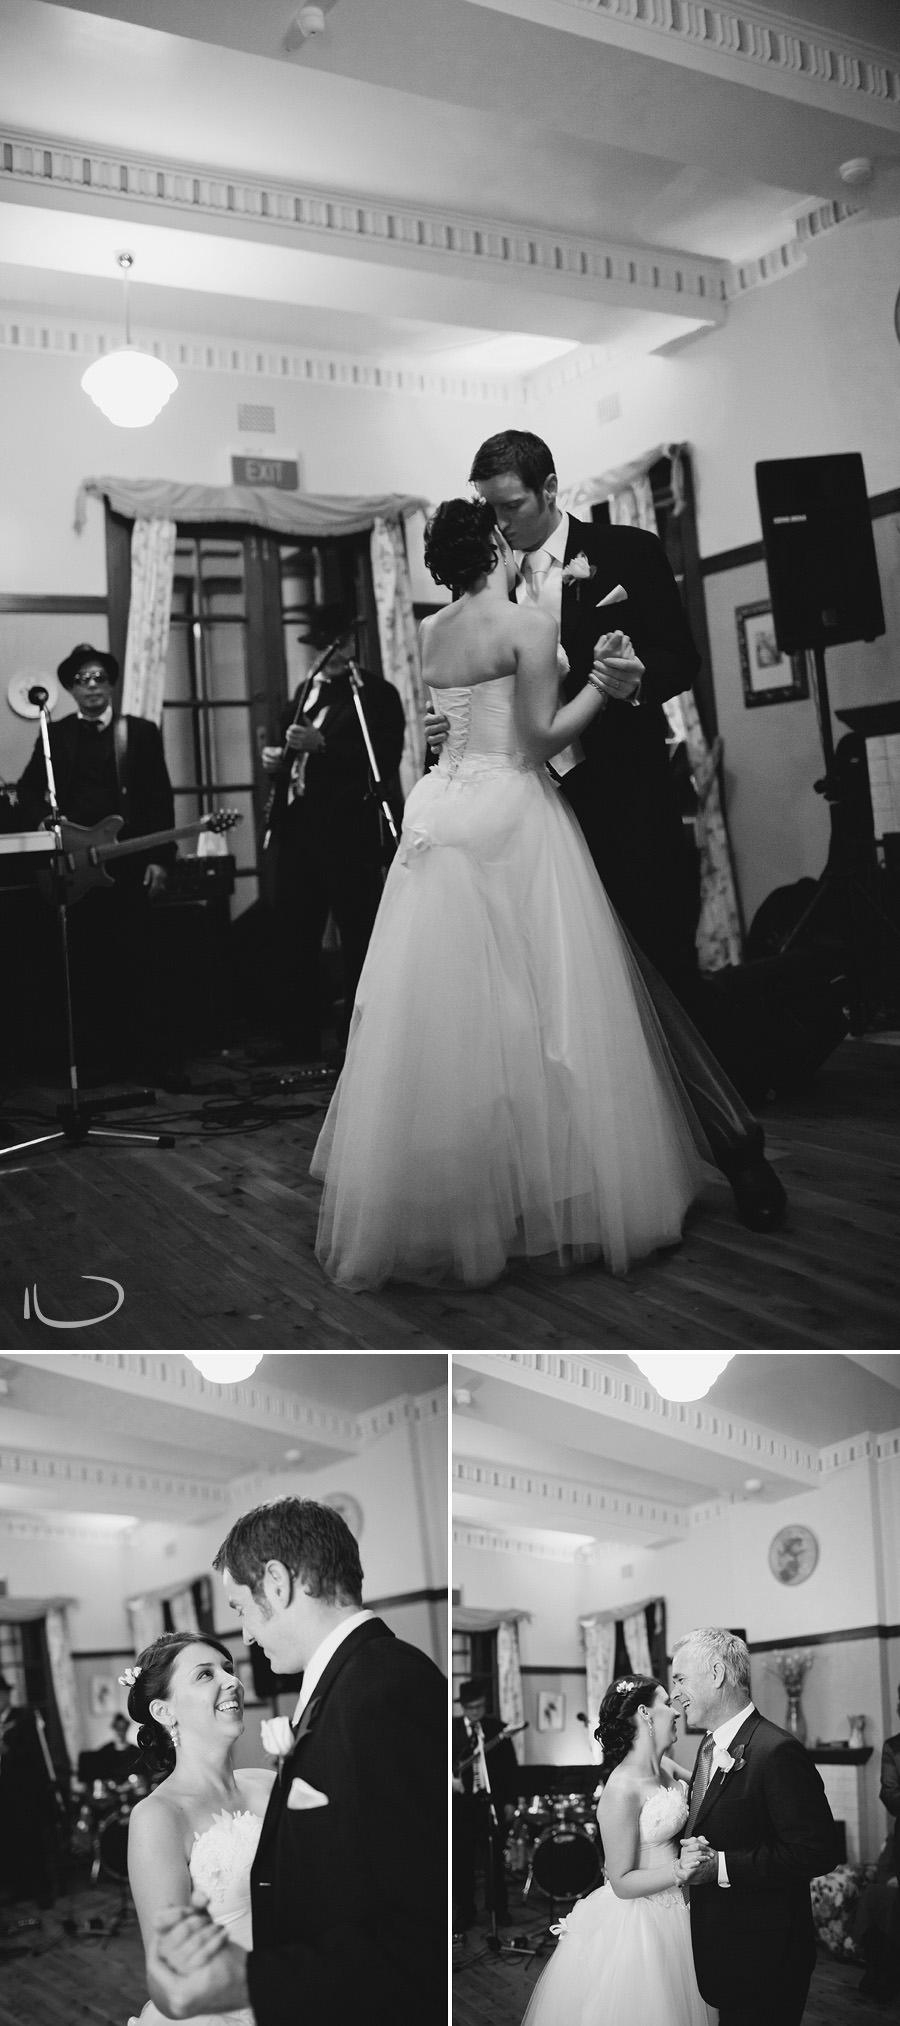 Sydney Wedding Photography: Bridal waltz